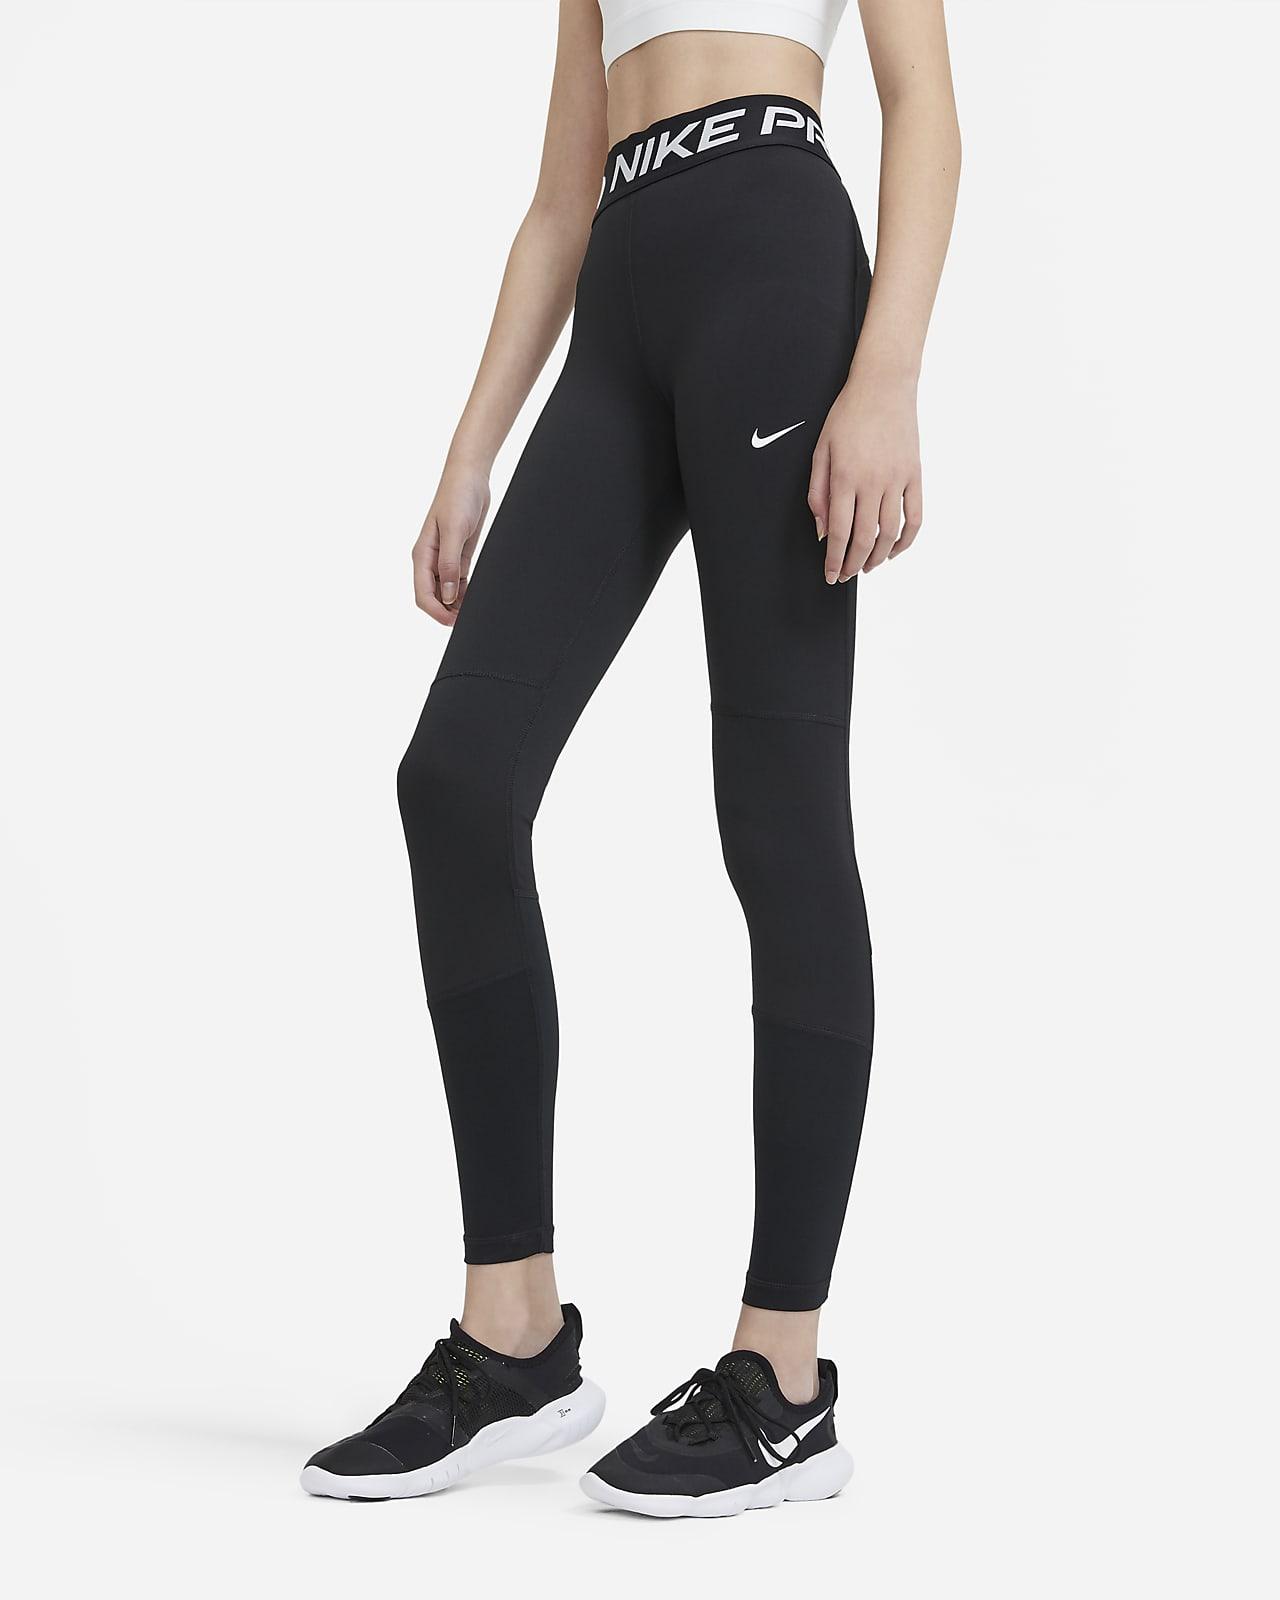 Legíny Nike Pro provětší děti (dívky)